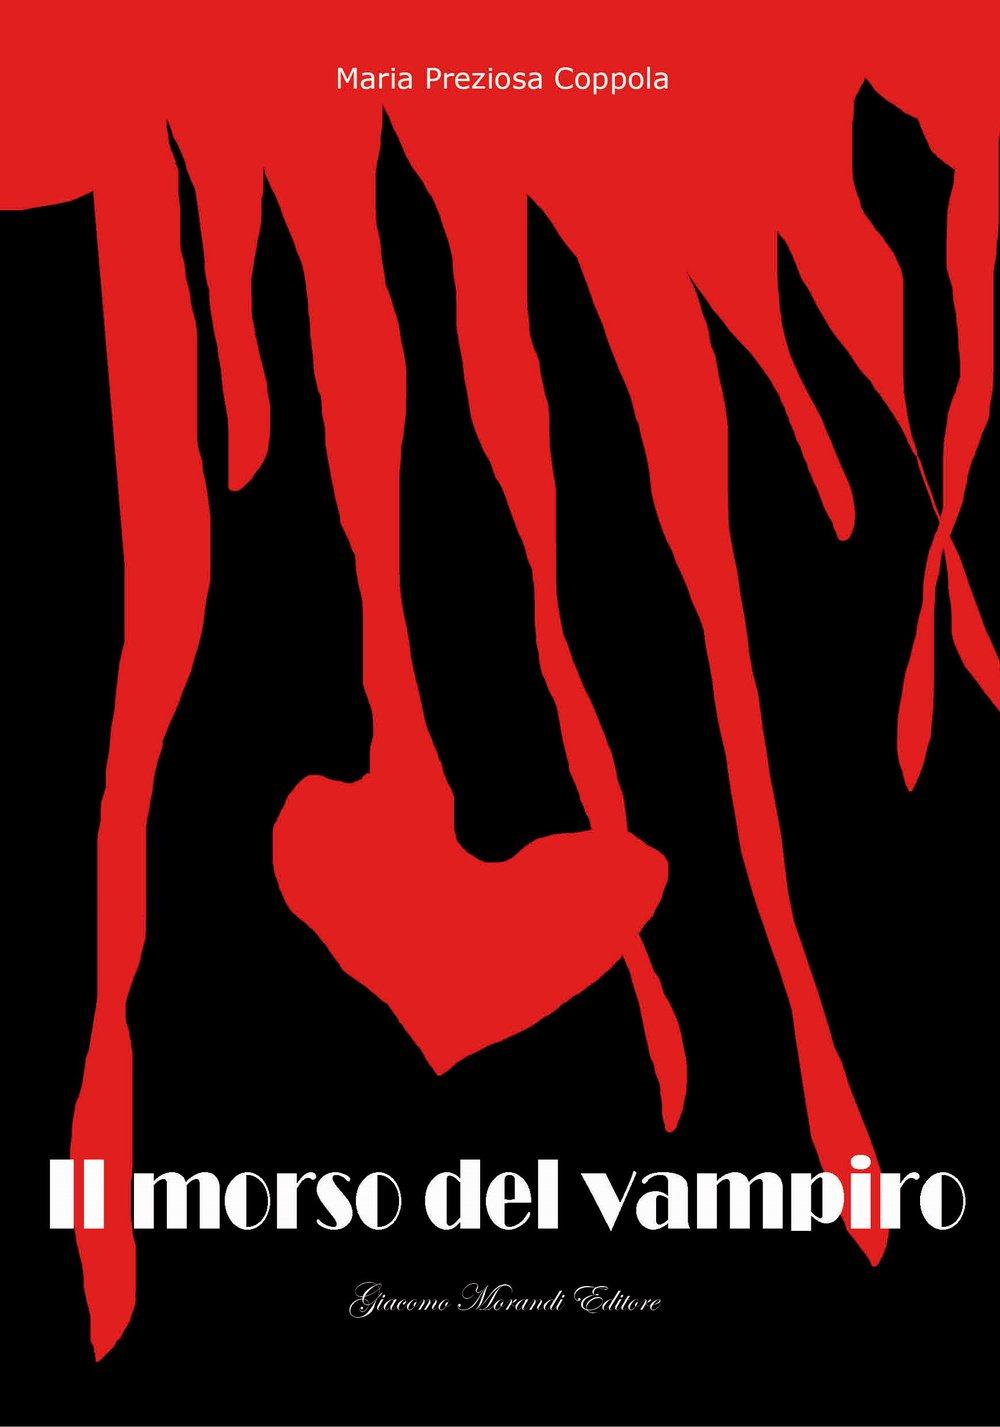 Il morso del vampiro